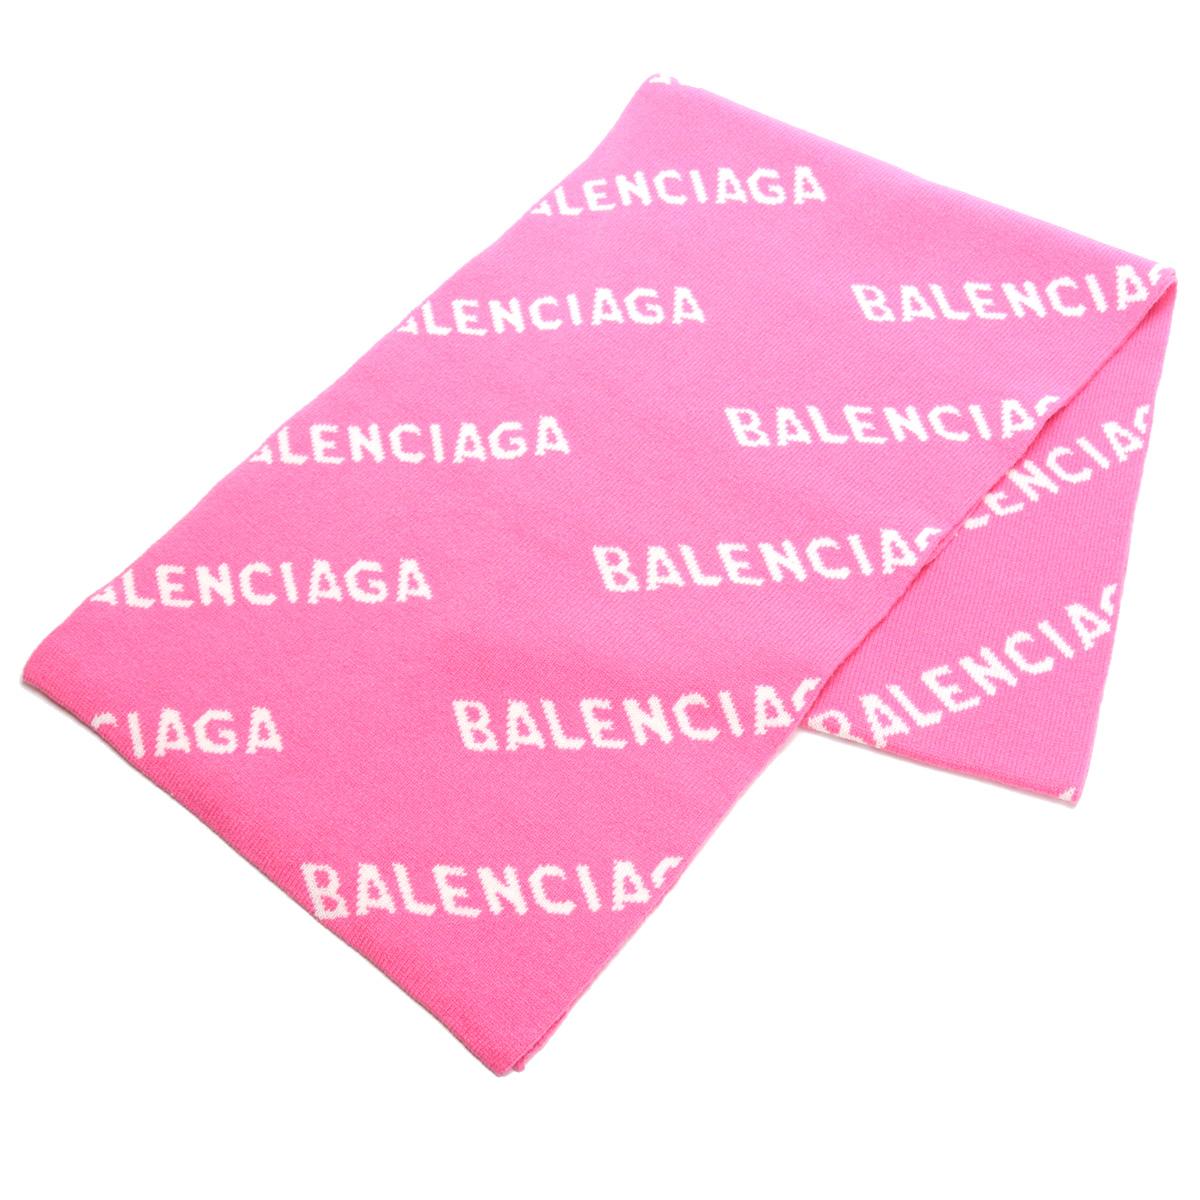 ※ 送料無料 ラッピング無料 7%OFF ブランド公式サイト掲載価格64 900円 バレンシアガ BALENCIAGA -マフラー 2020モデル 厚手 warm-01 大決算セール 633719 T1567 colo-01 bos-09 muffler-01 5621